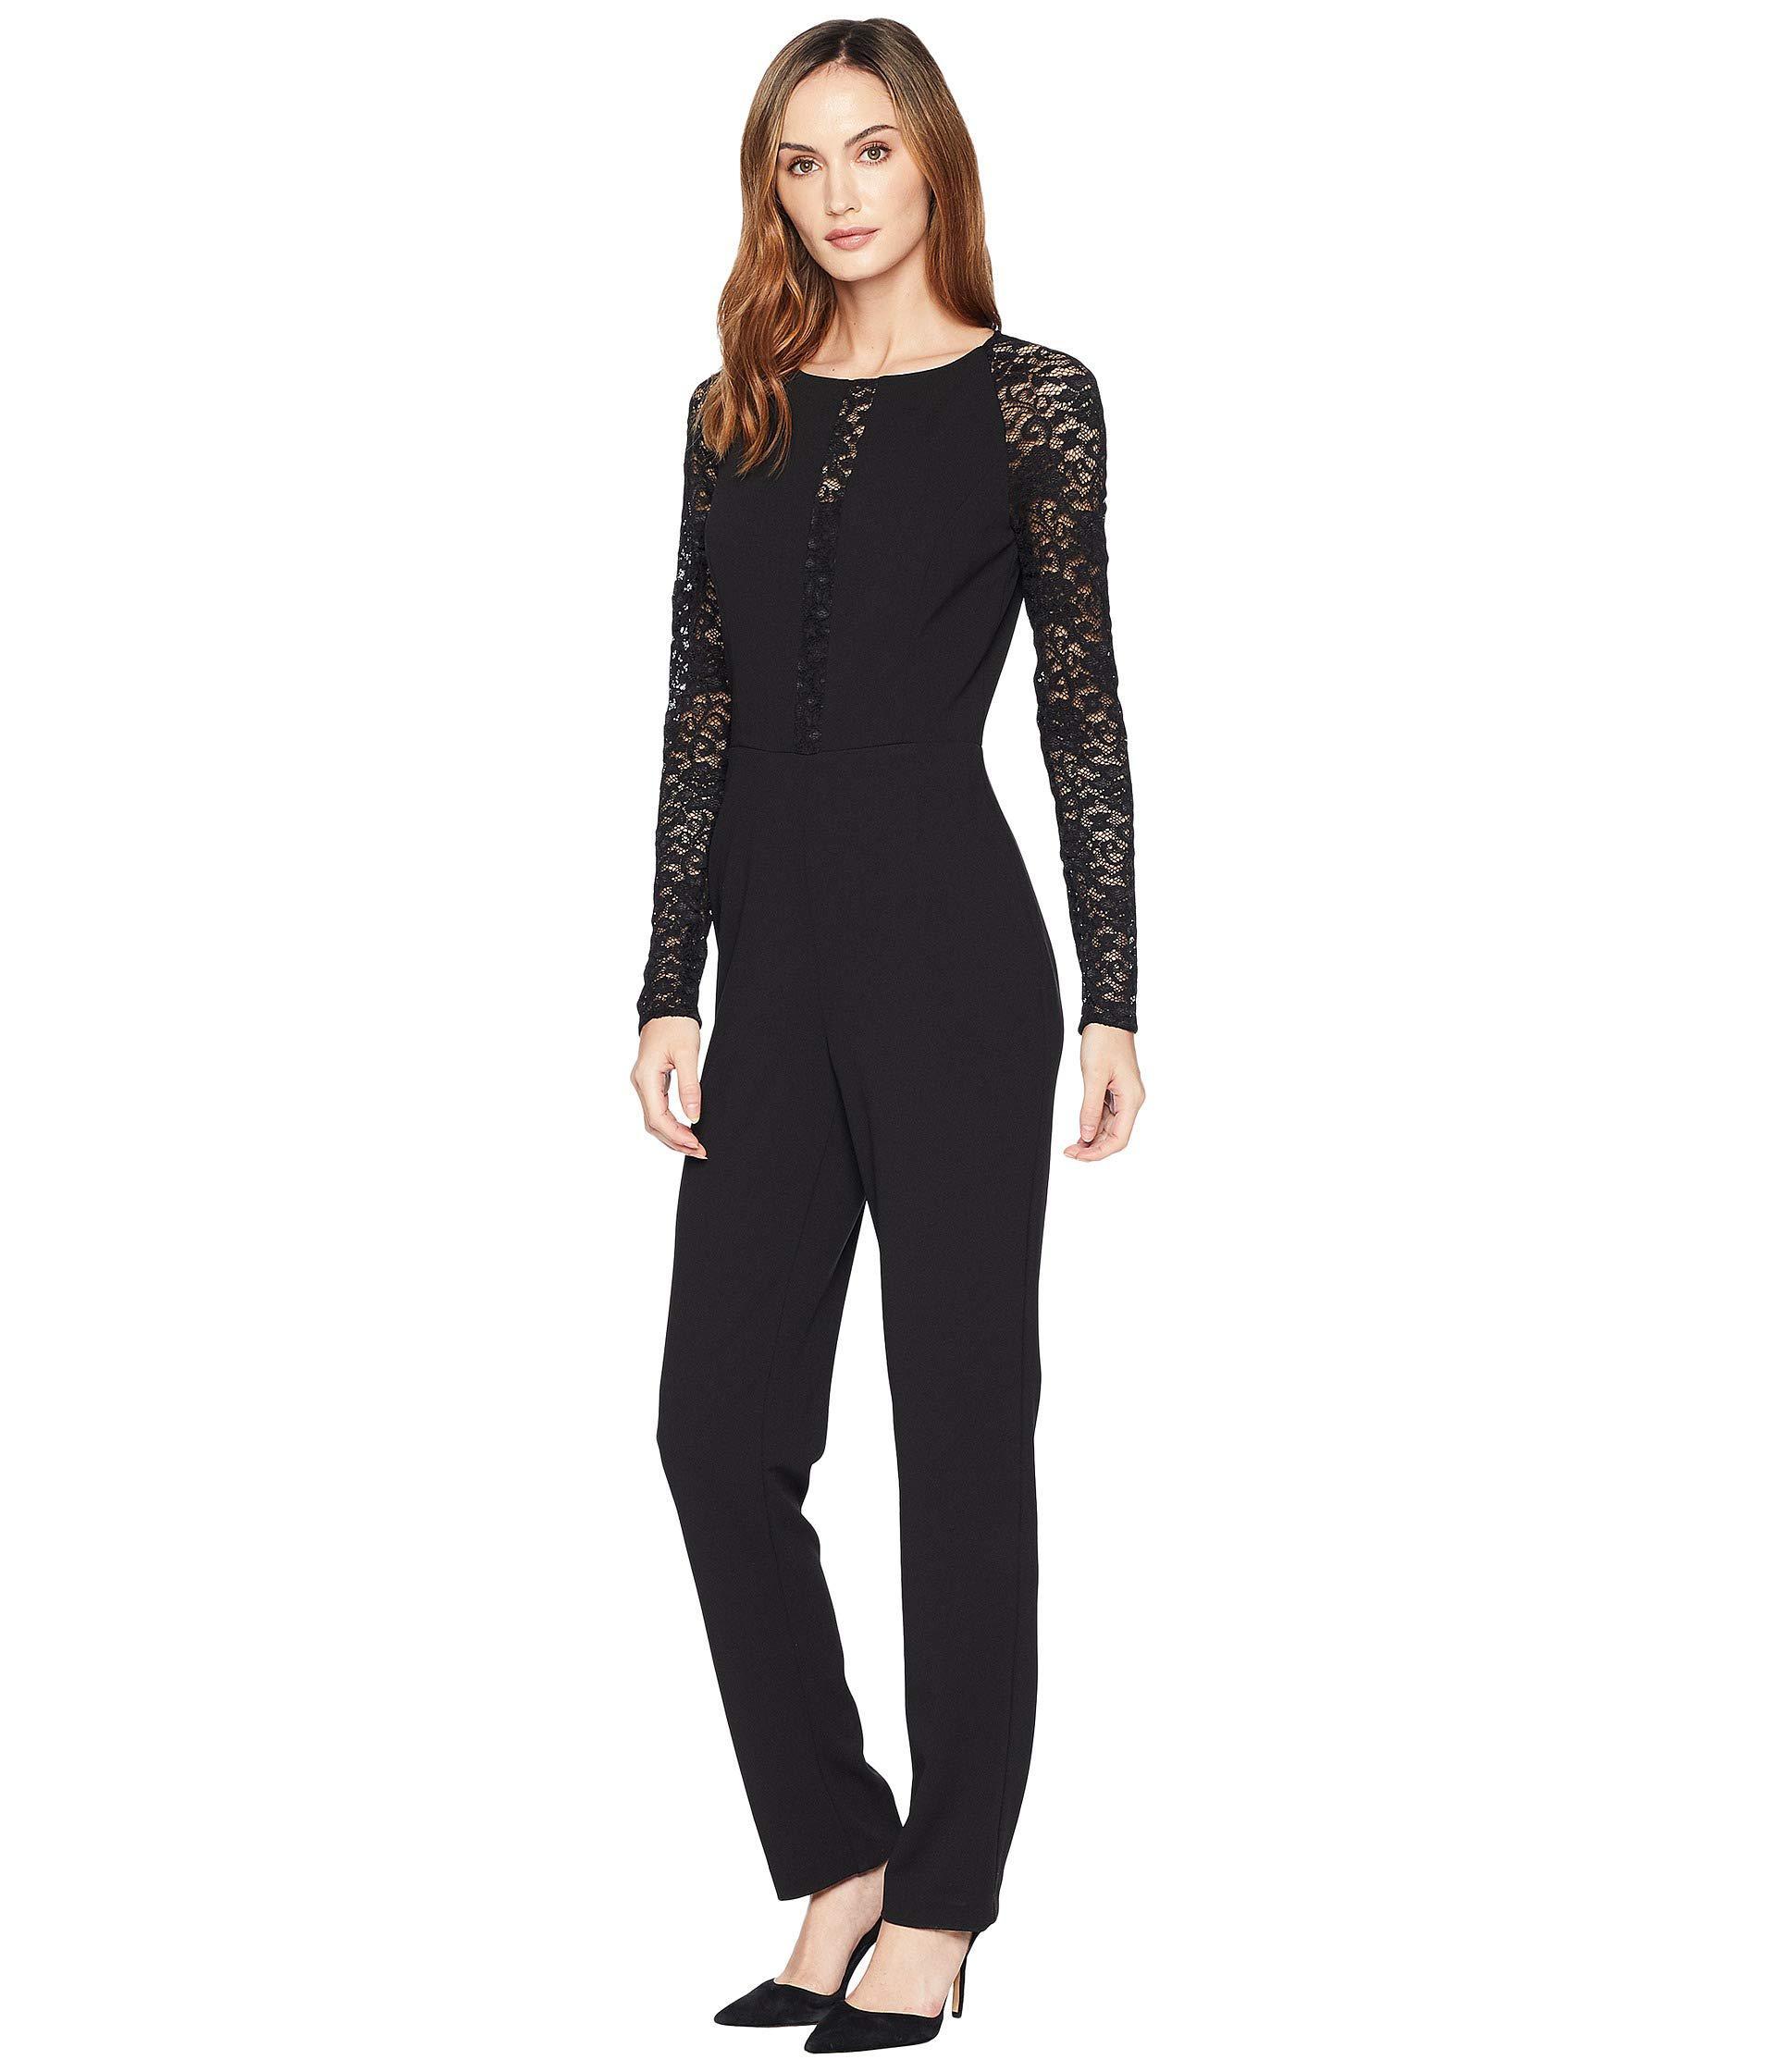 a60bd1527ae Lyst - Lauren By Ralph Lauren Luxe Tech Crepe Priscillia Jumpsuit ...